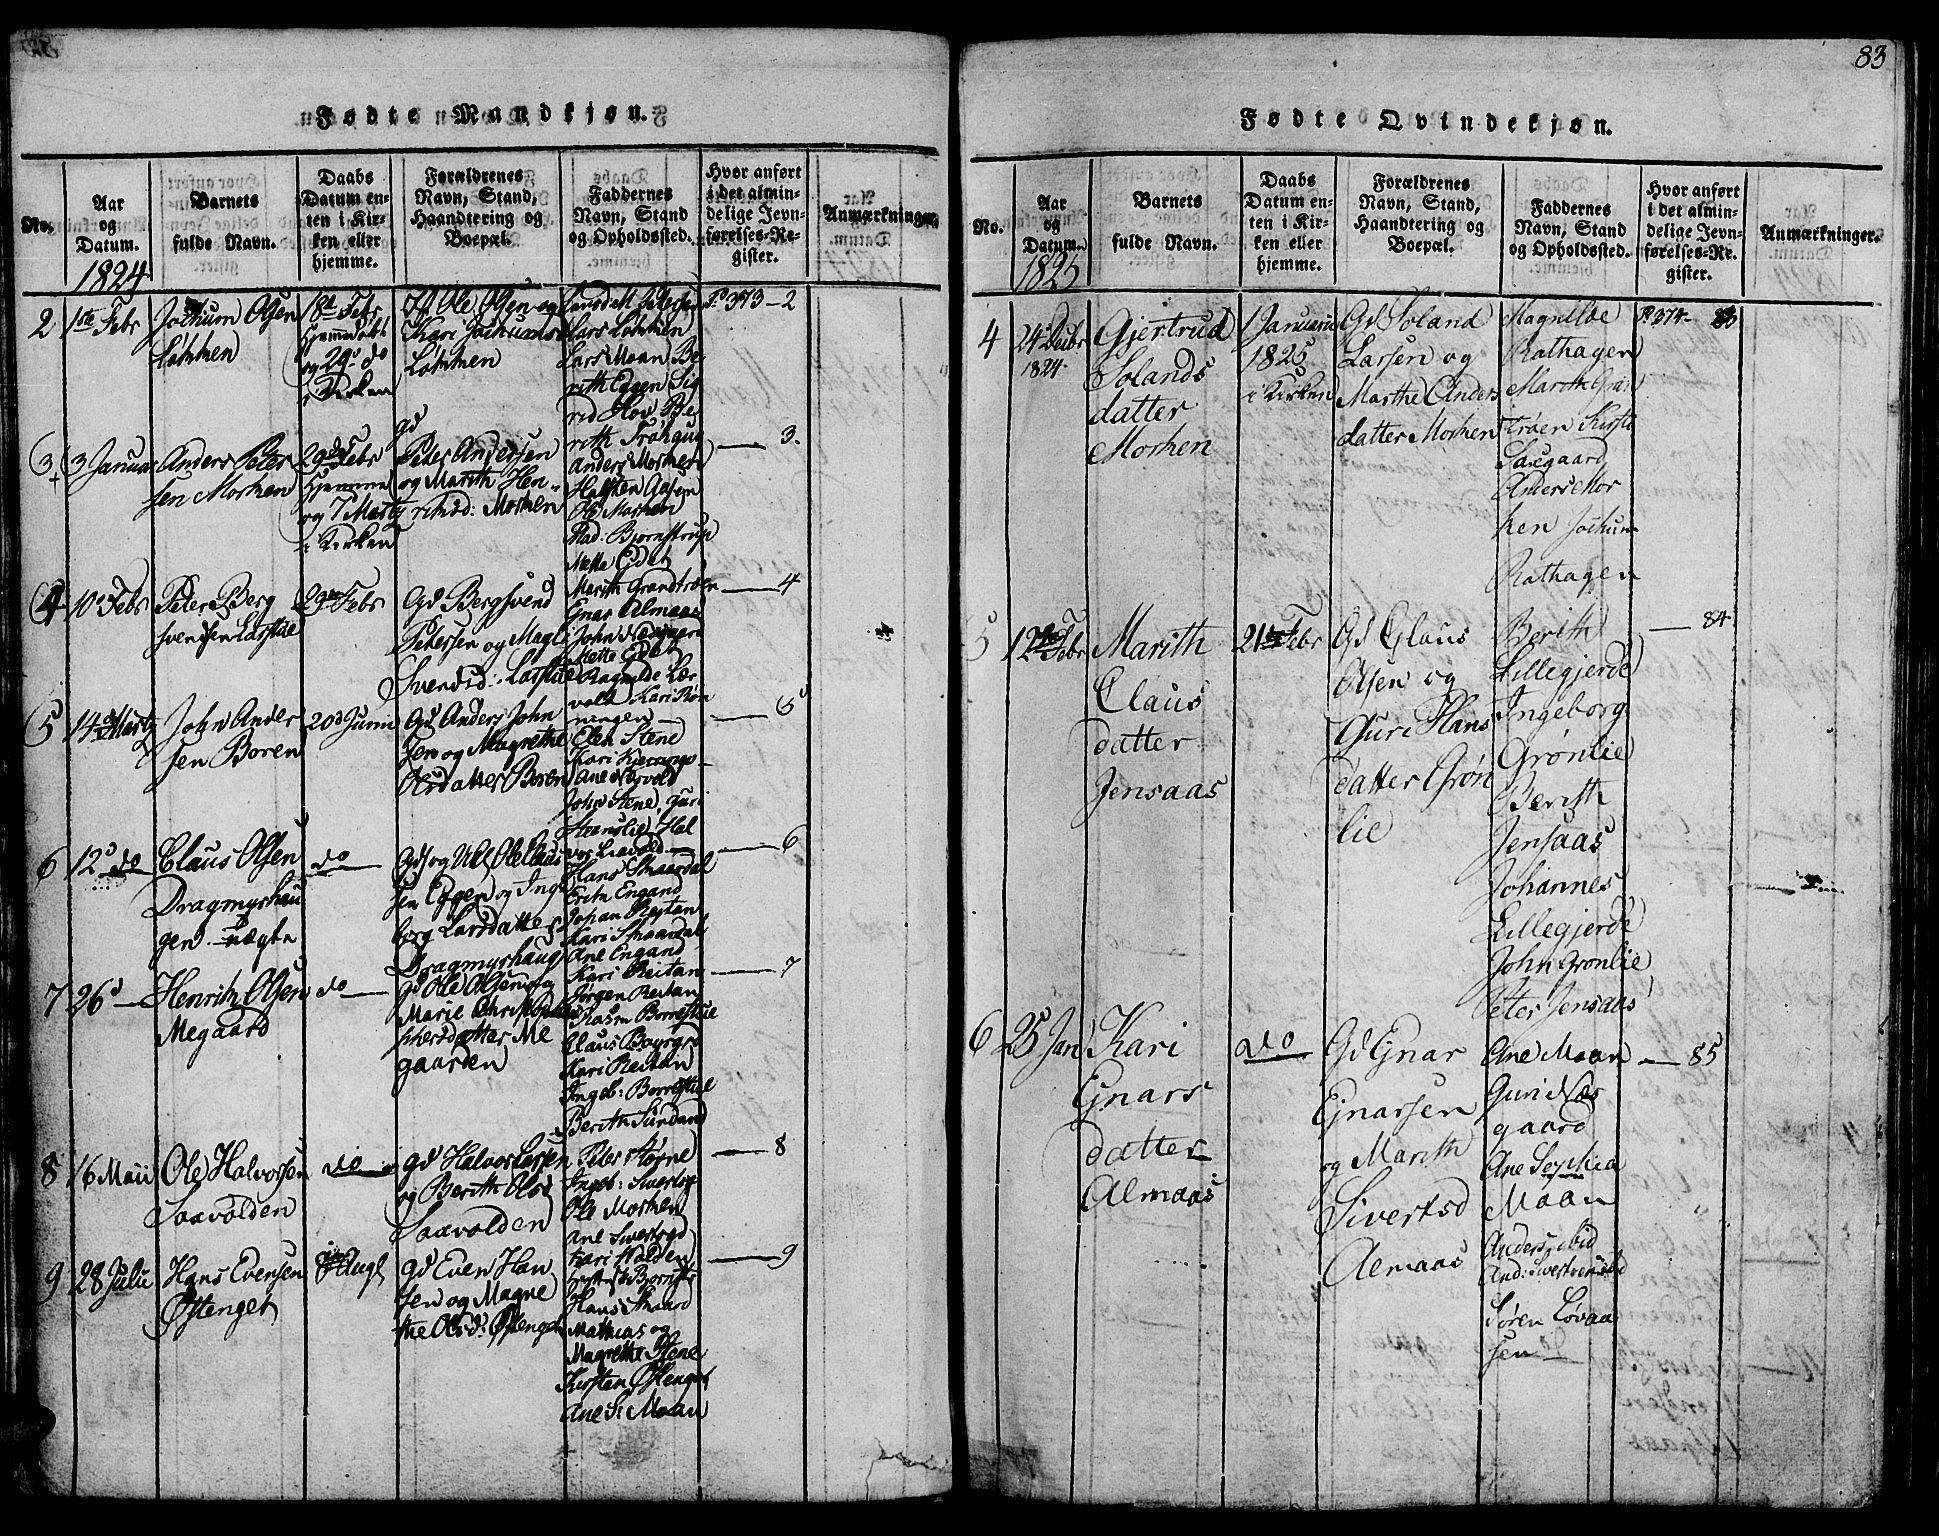 SAT, Ministerialprotokoller, klokkerbøker og fødselsregistre - Sør-Trøndelag, 685/L0956: Ministerialbok nr. 685A03 /3, 1817-1829, s. 83